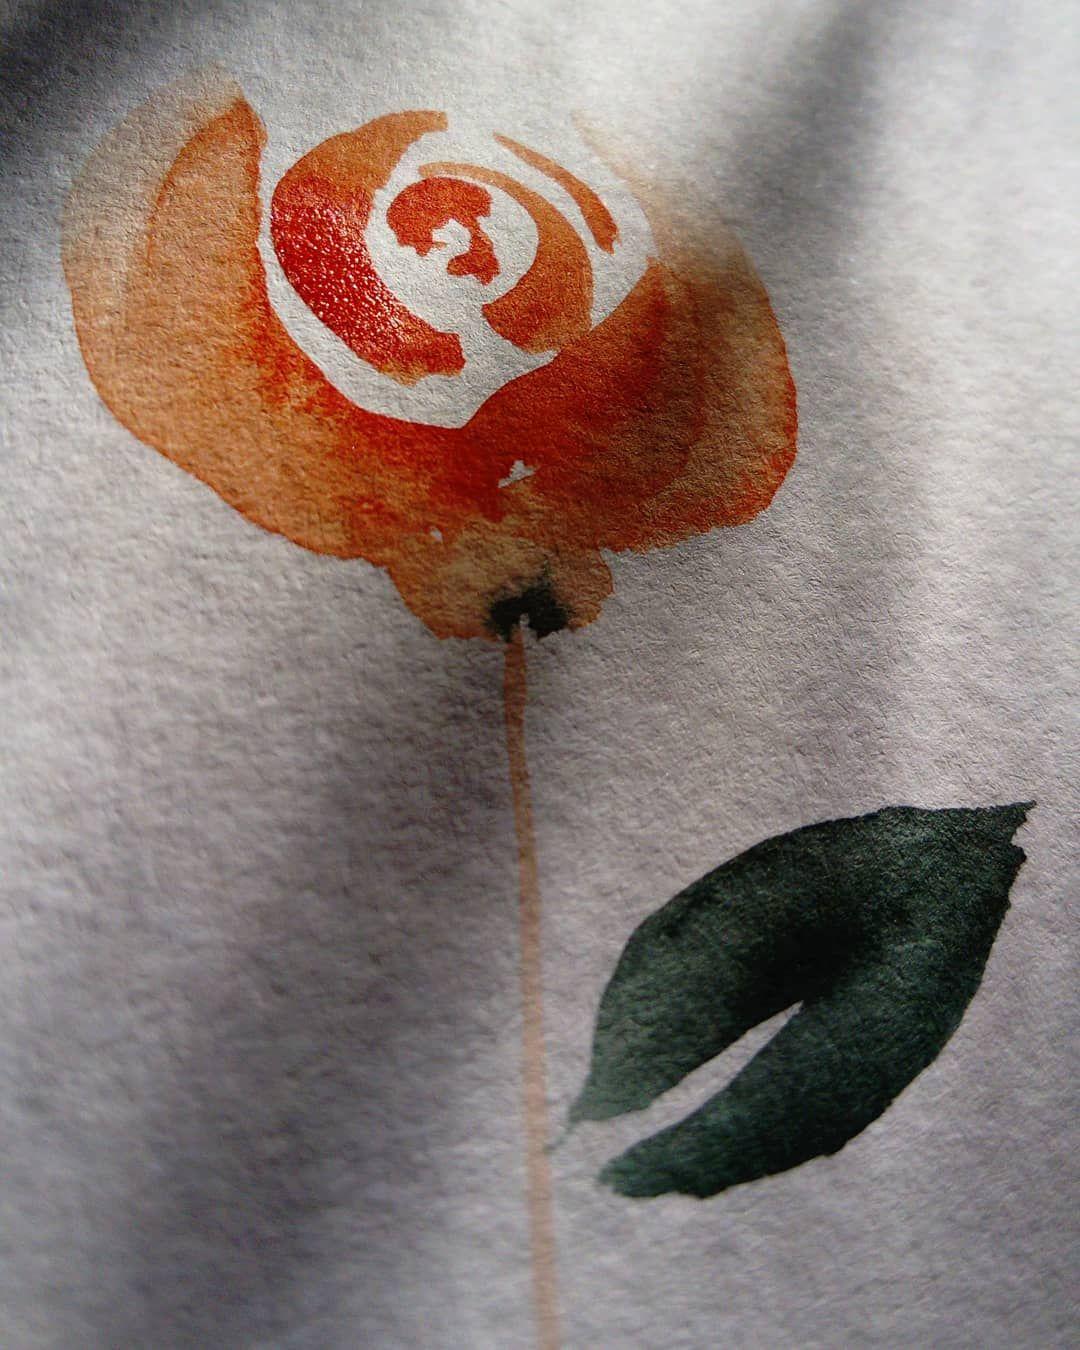 Ncore Une Rose J Ai Melanger Orange De Cadmium Avec Le Rouge